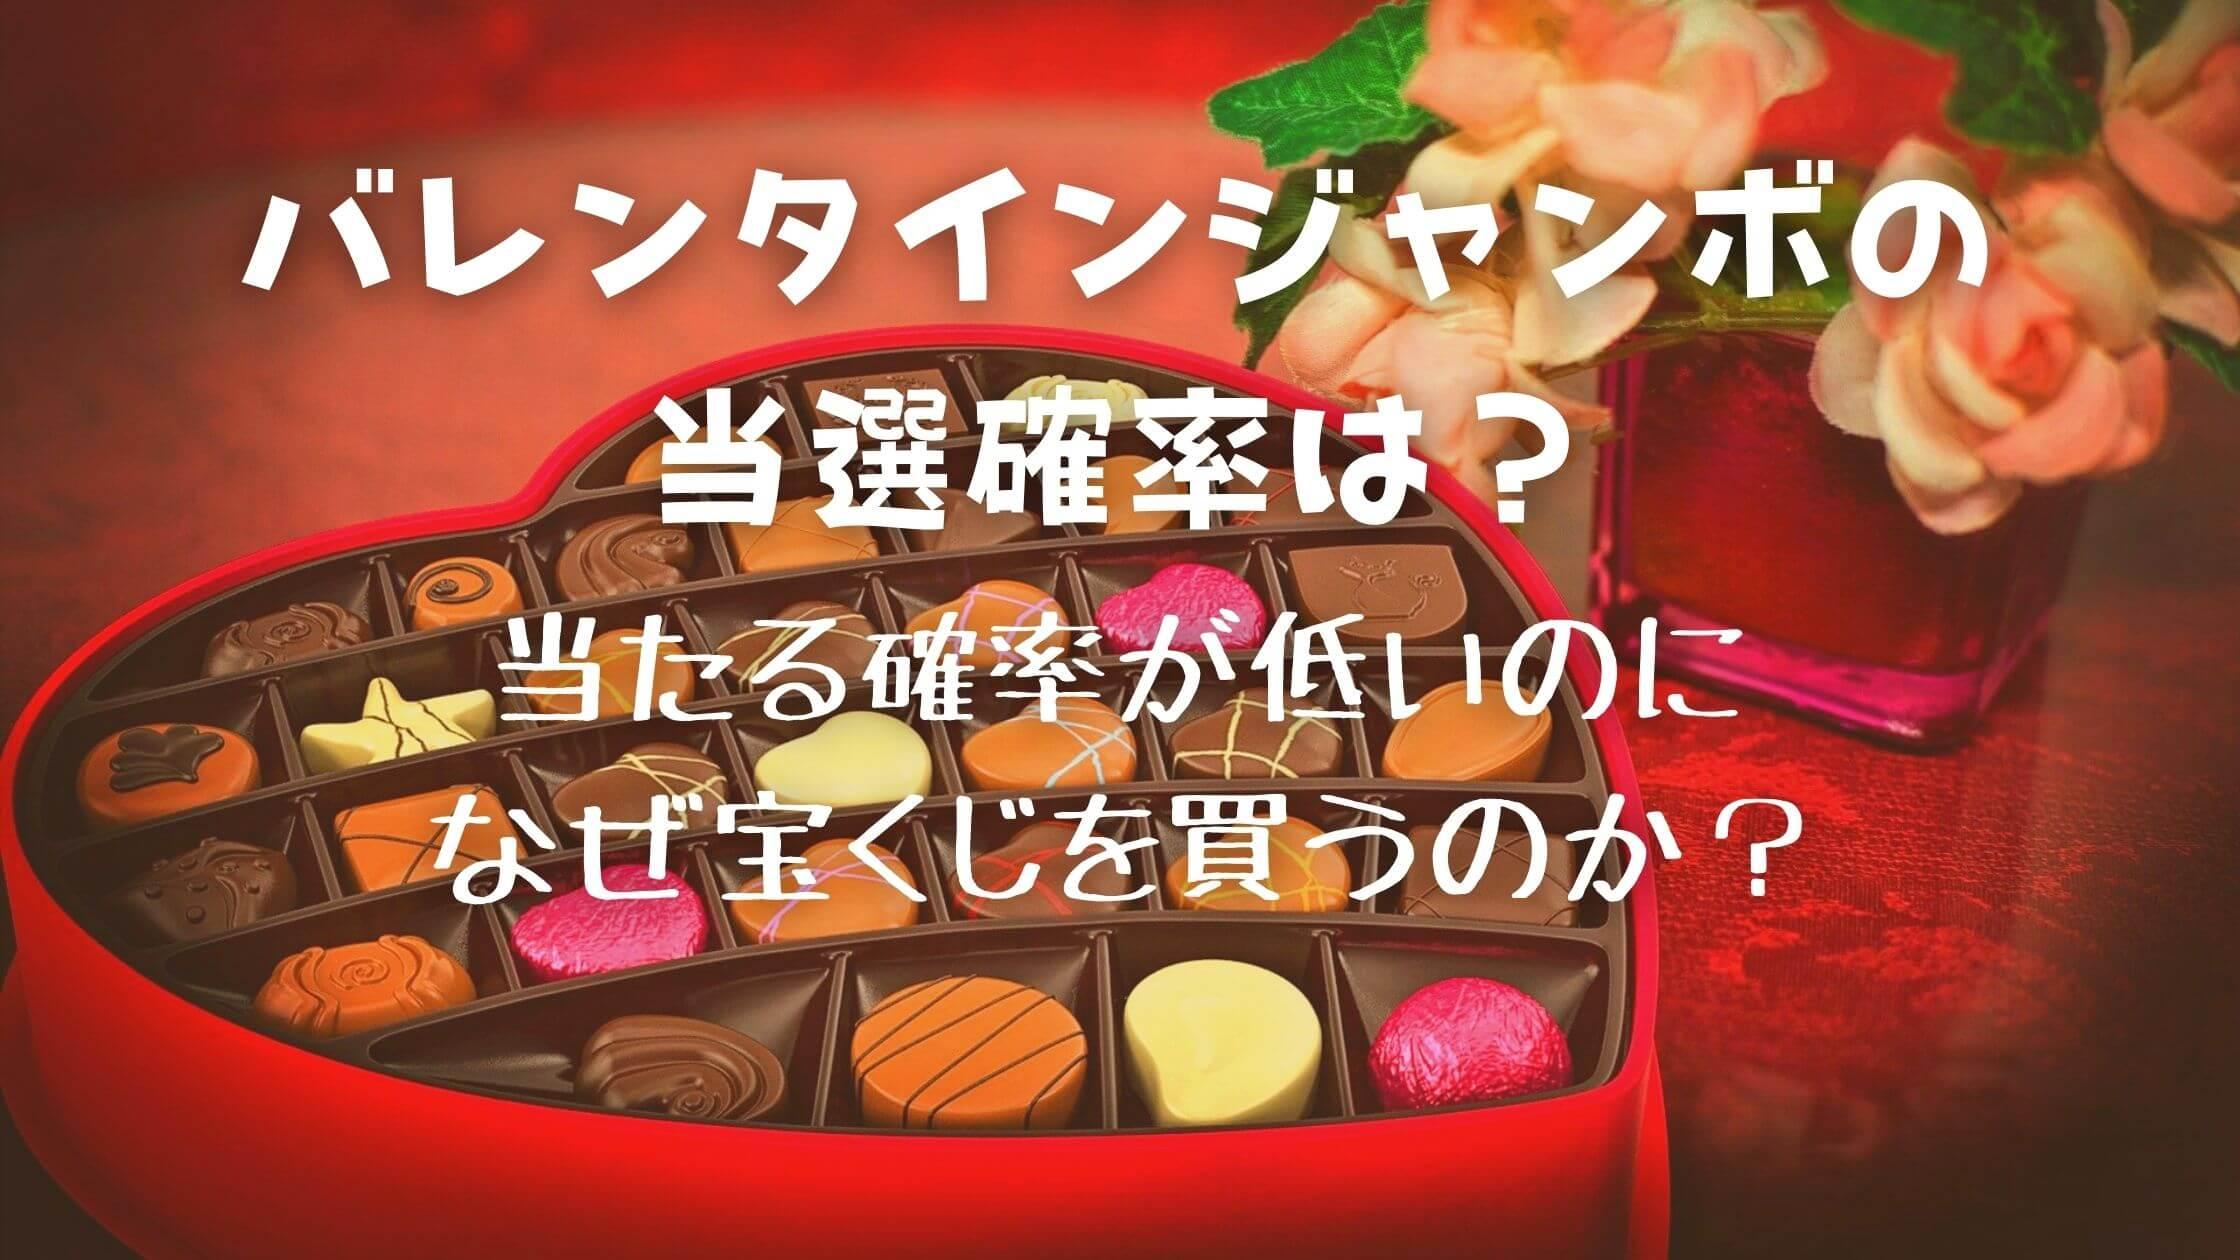 バレンタインジャンボ2021-A1